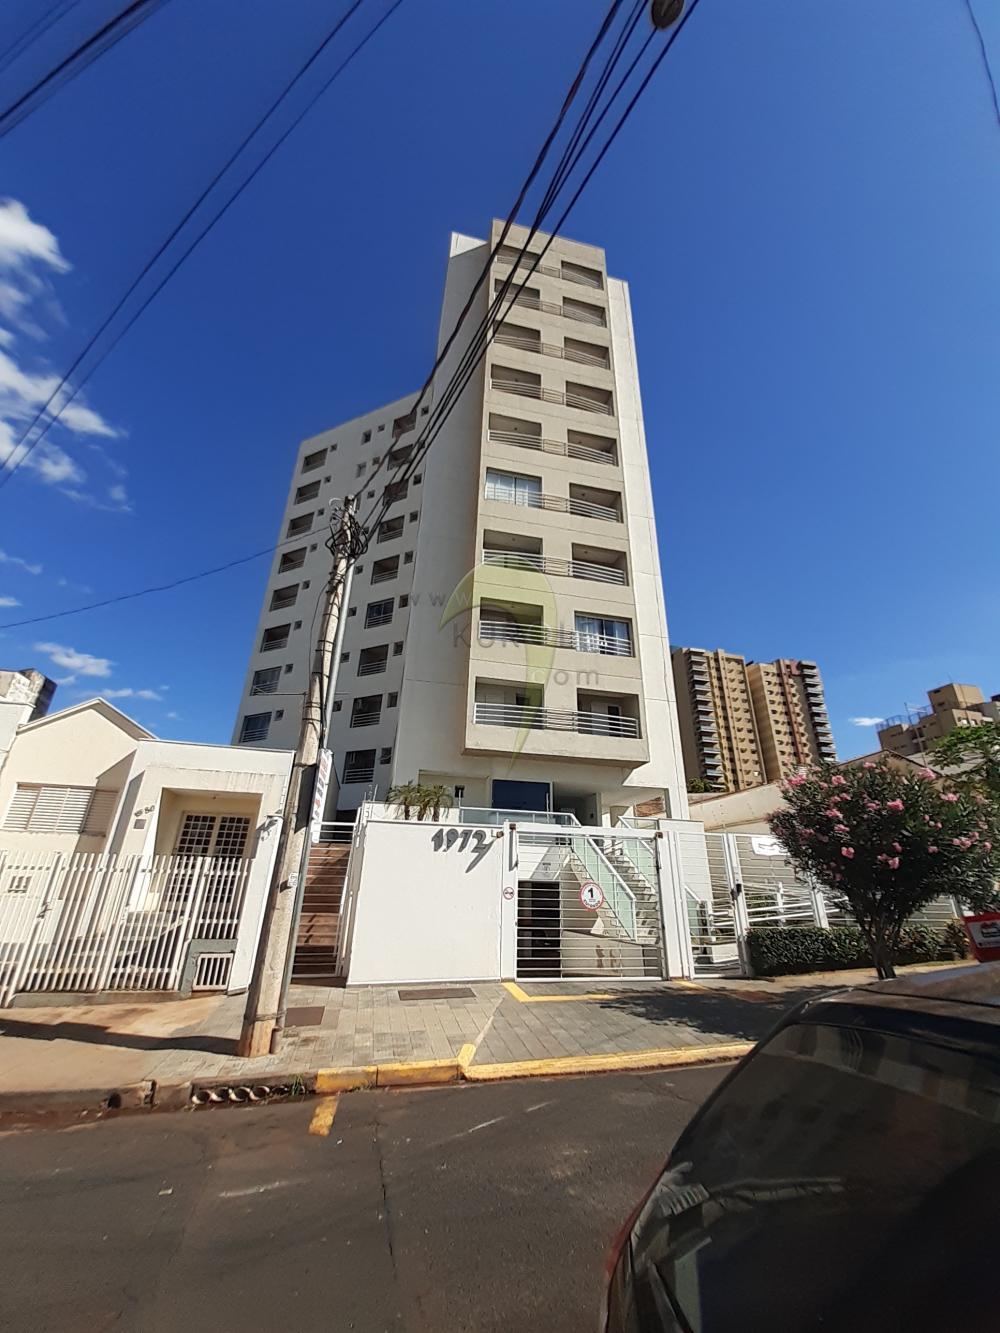 alt='Alugar Apartamento / Cobertura em Ribeirão Preto R$ 11,00 - Foto 22' title='Alugar Apartamento / Cobertura em Ribeirão Preto R$ 11,00 - Foto 22'